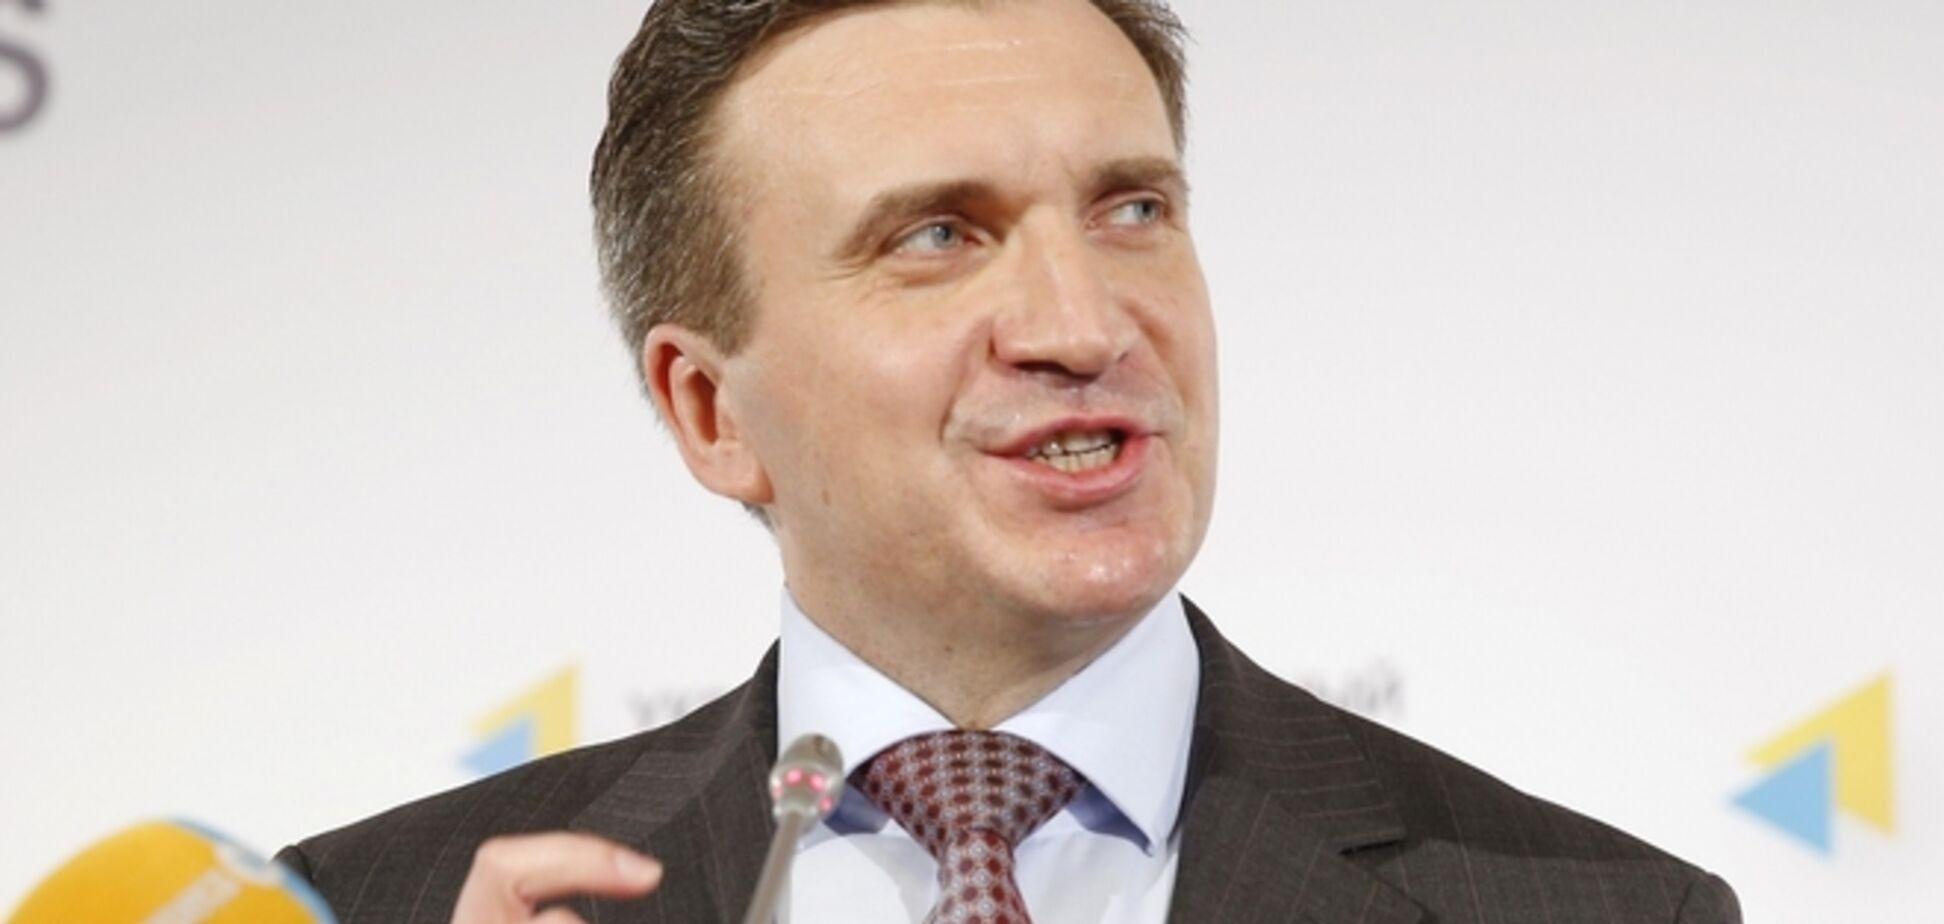 Павел Шеремета: За последние 5-6 месяцев  система в стране ничуть не изменилась